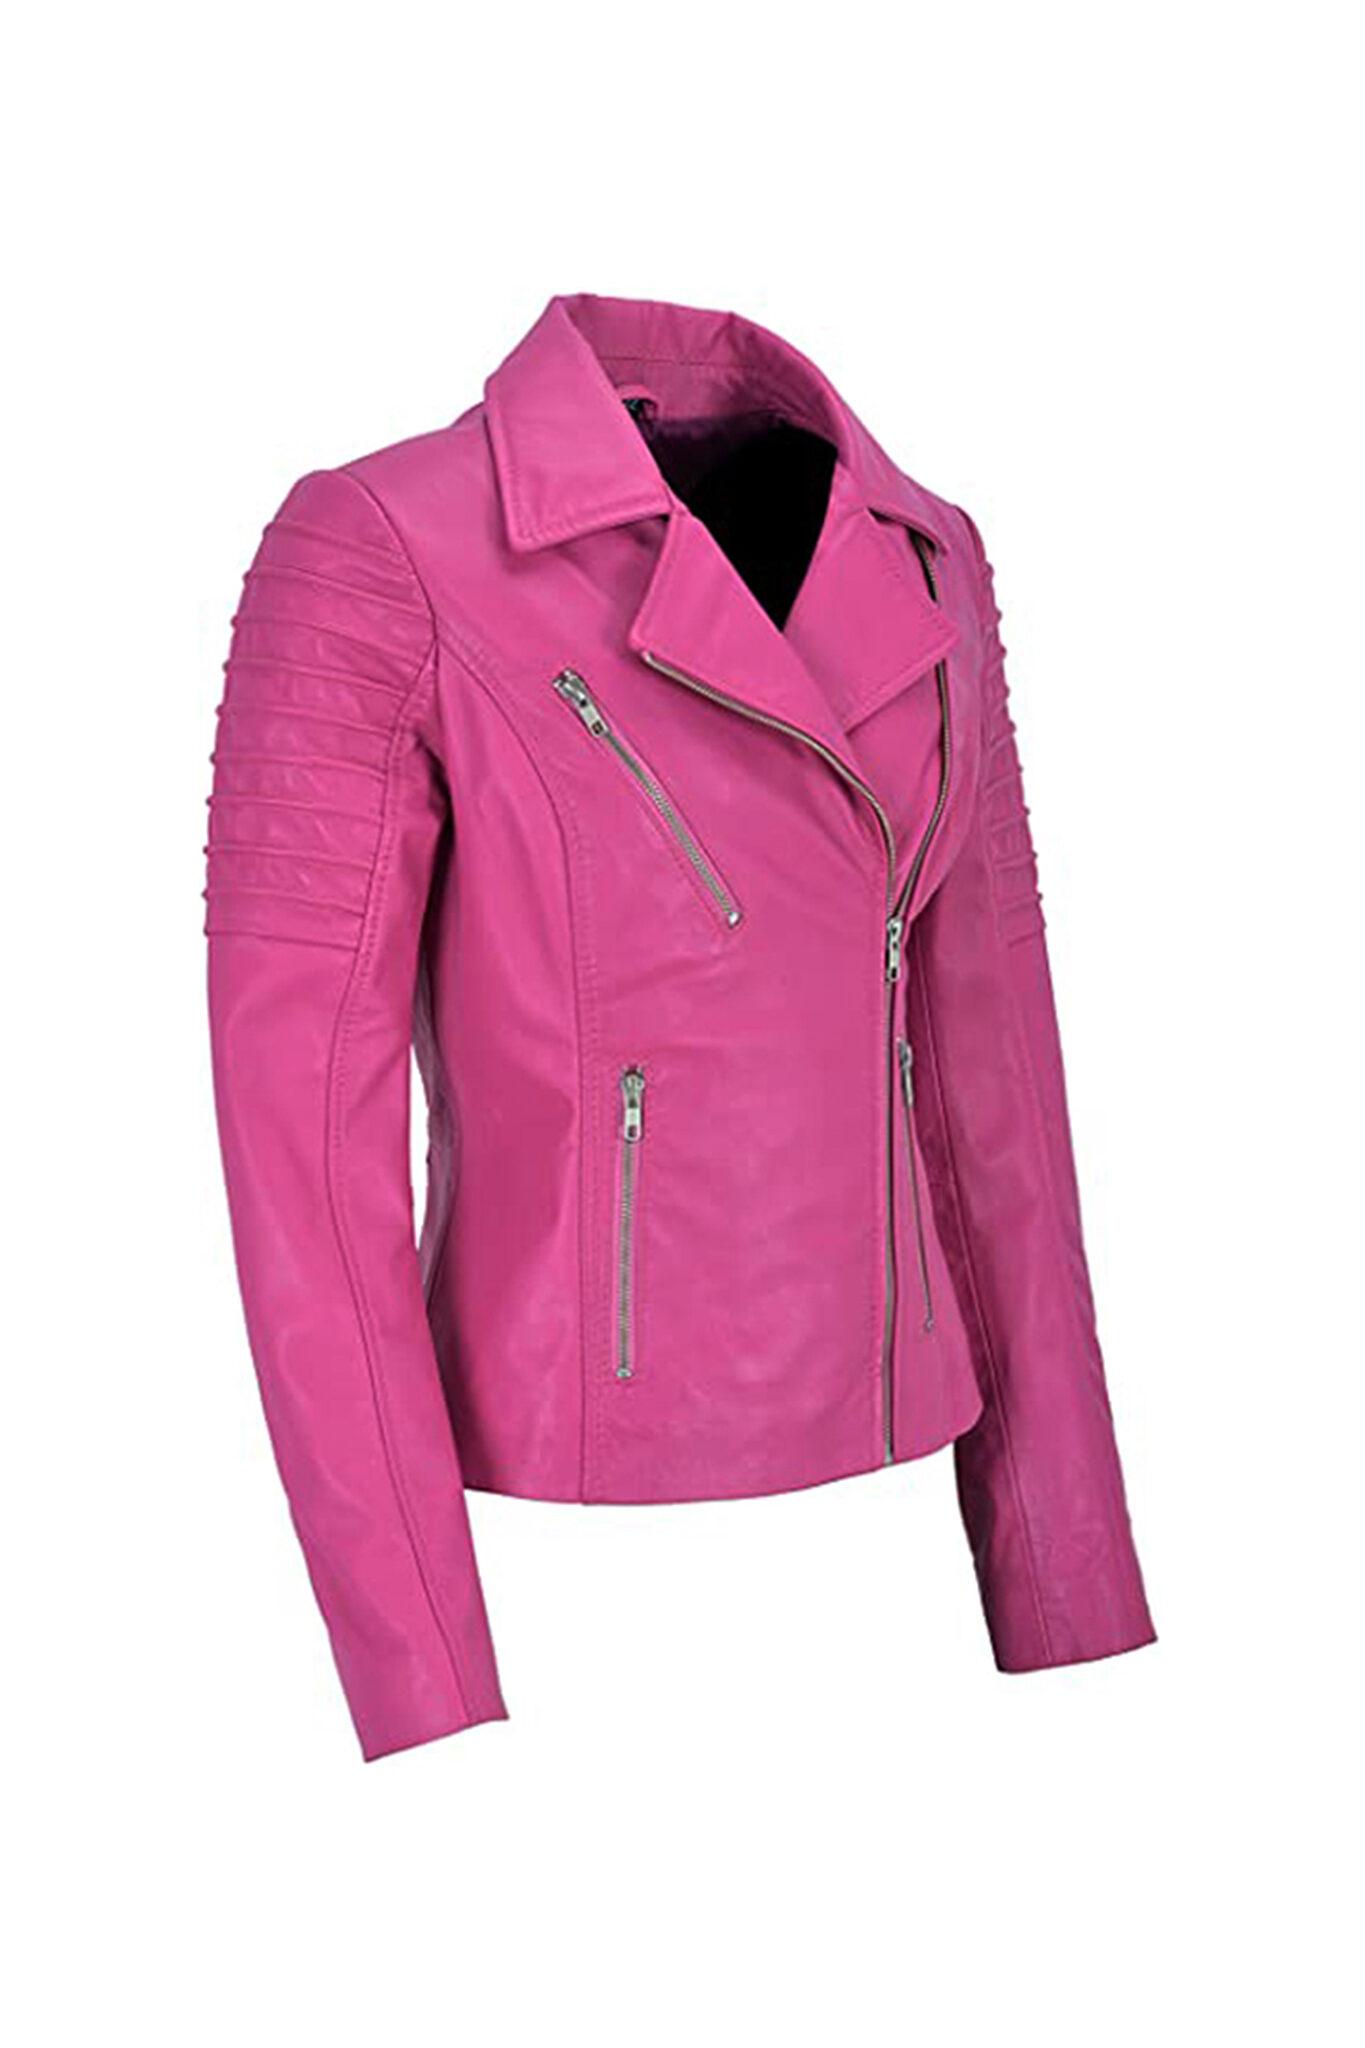 Women's Pink Biker Motorcycle Sheepskin Leather Jacket-2